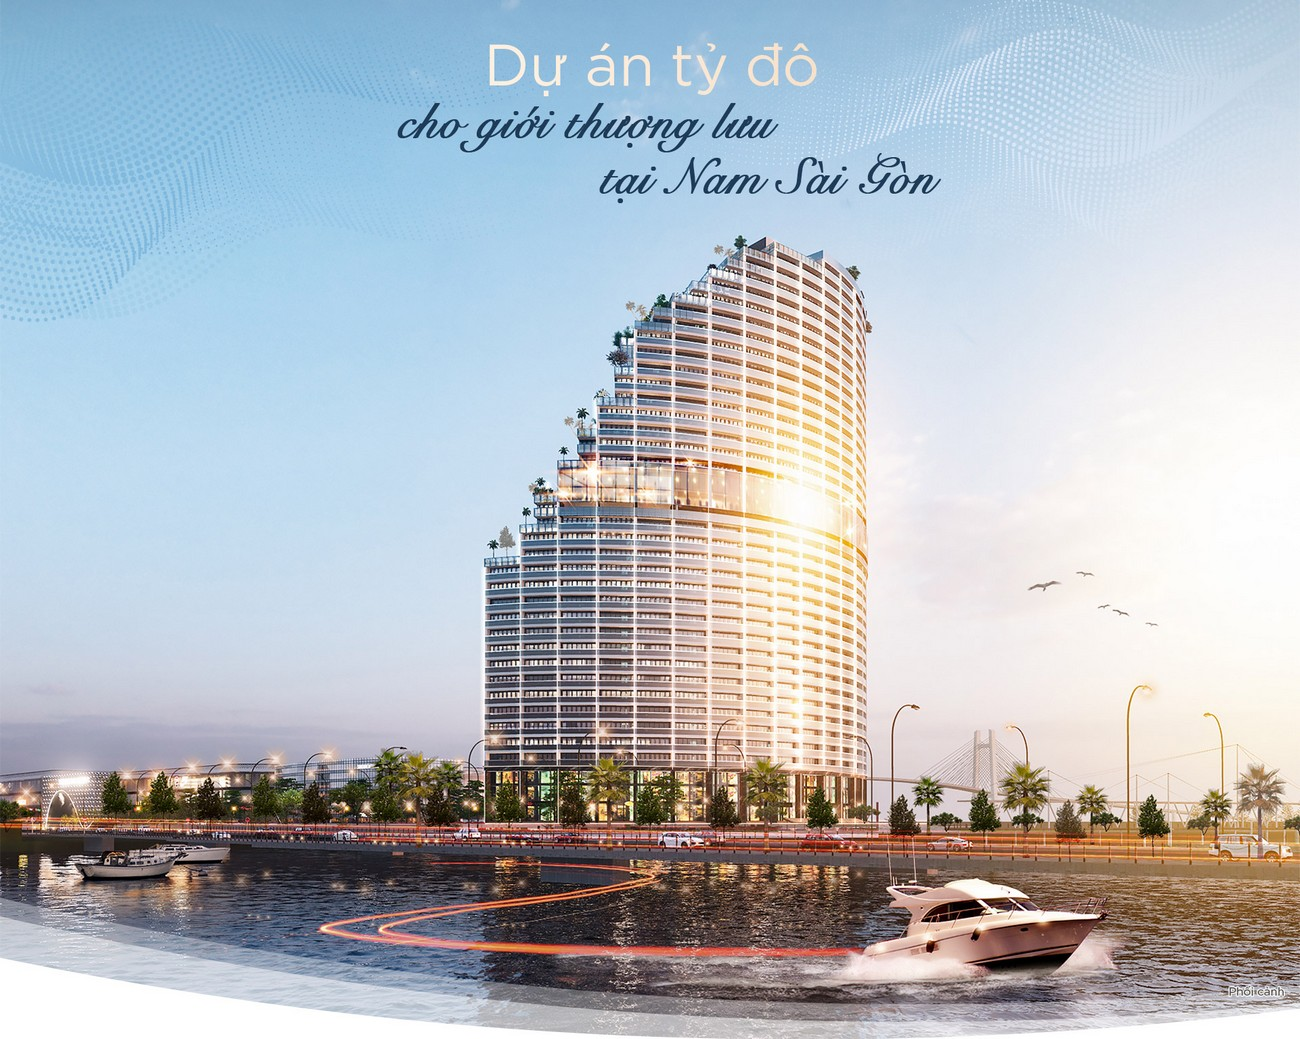 Babylon Tower nằm trong tổng thể dự án căn hộ Sunshine Diamond River quận 7